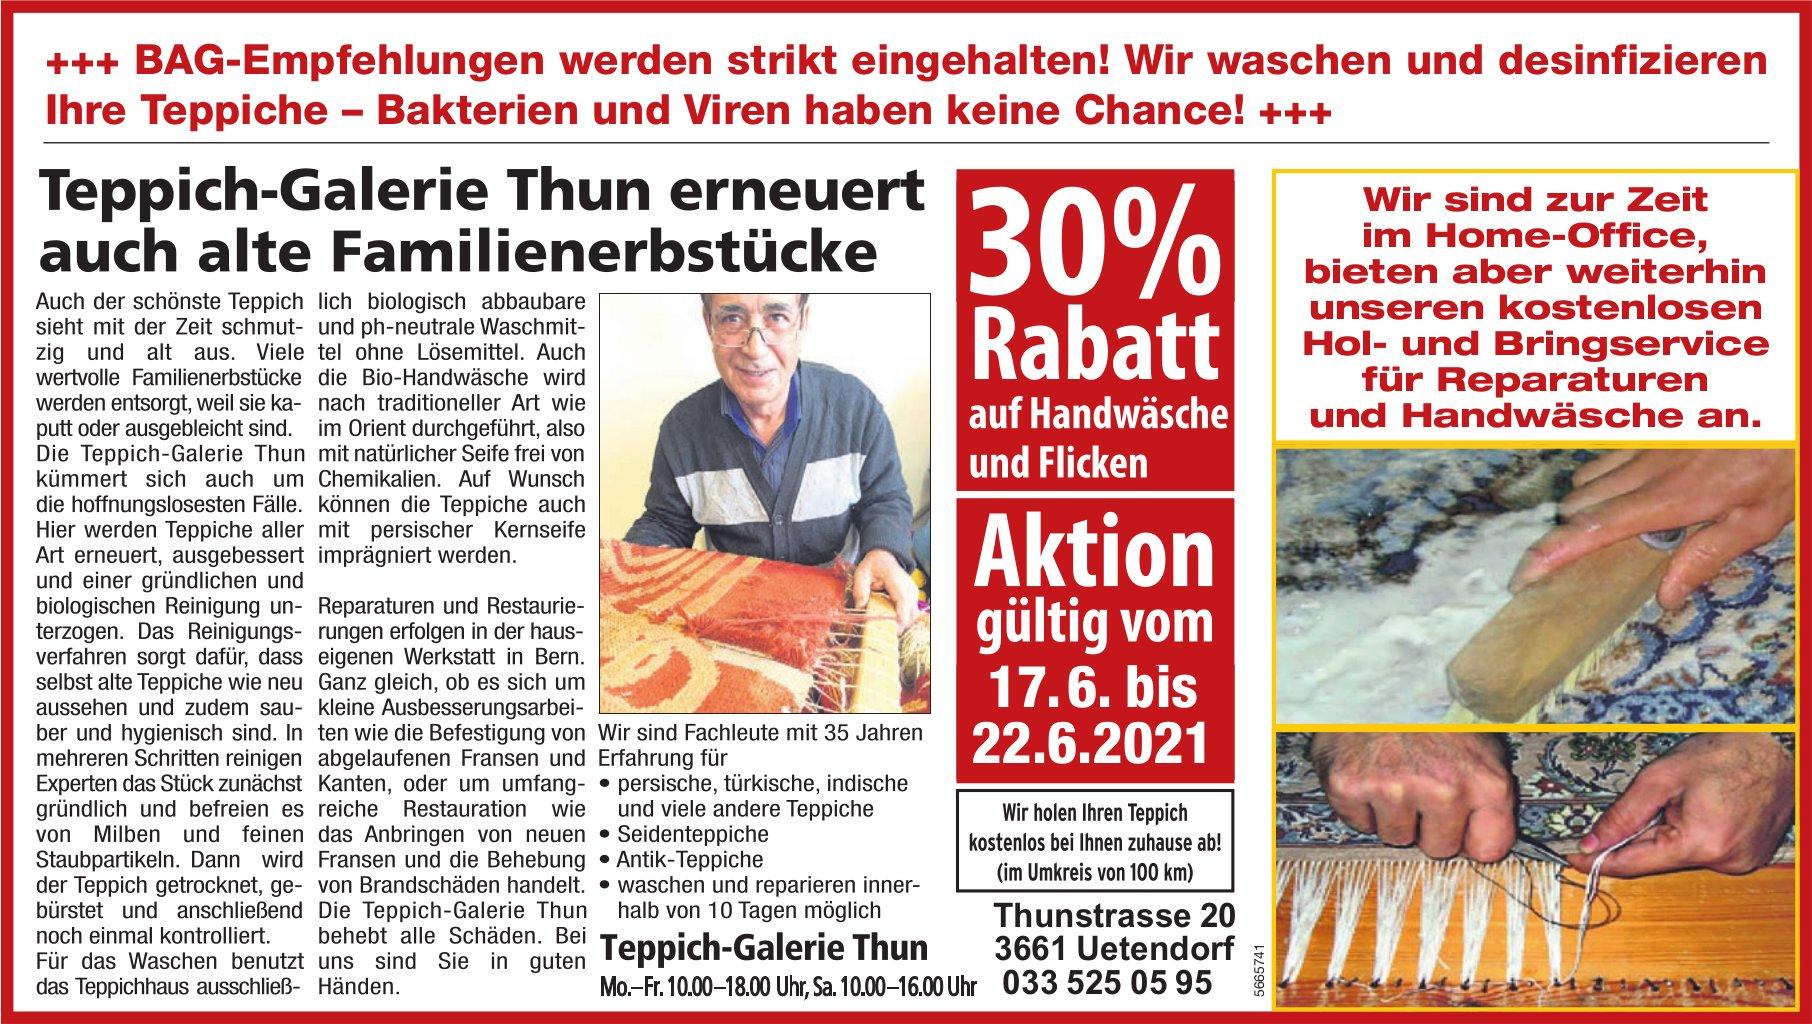 Teppich-Galerie Thun - 30% Rabatt auf Handwäsche und Flicken vom 17. bis 22. Juni